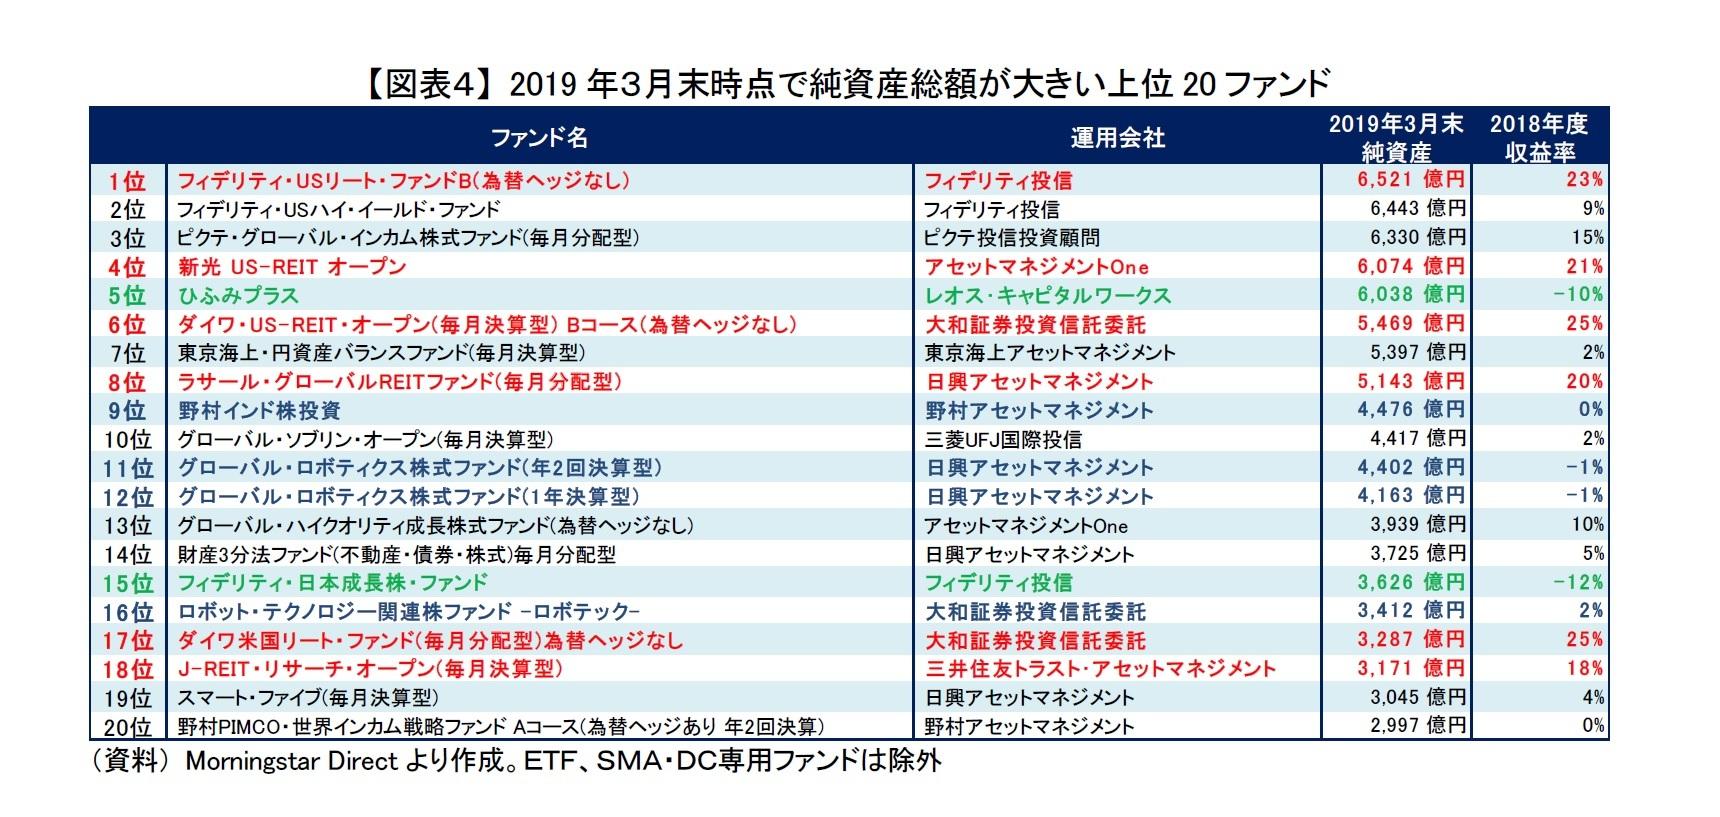 【図表4】 2019年3月末時点で純資産総額が大きい上位20ファンド